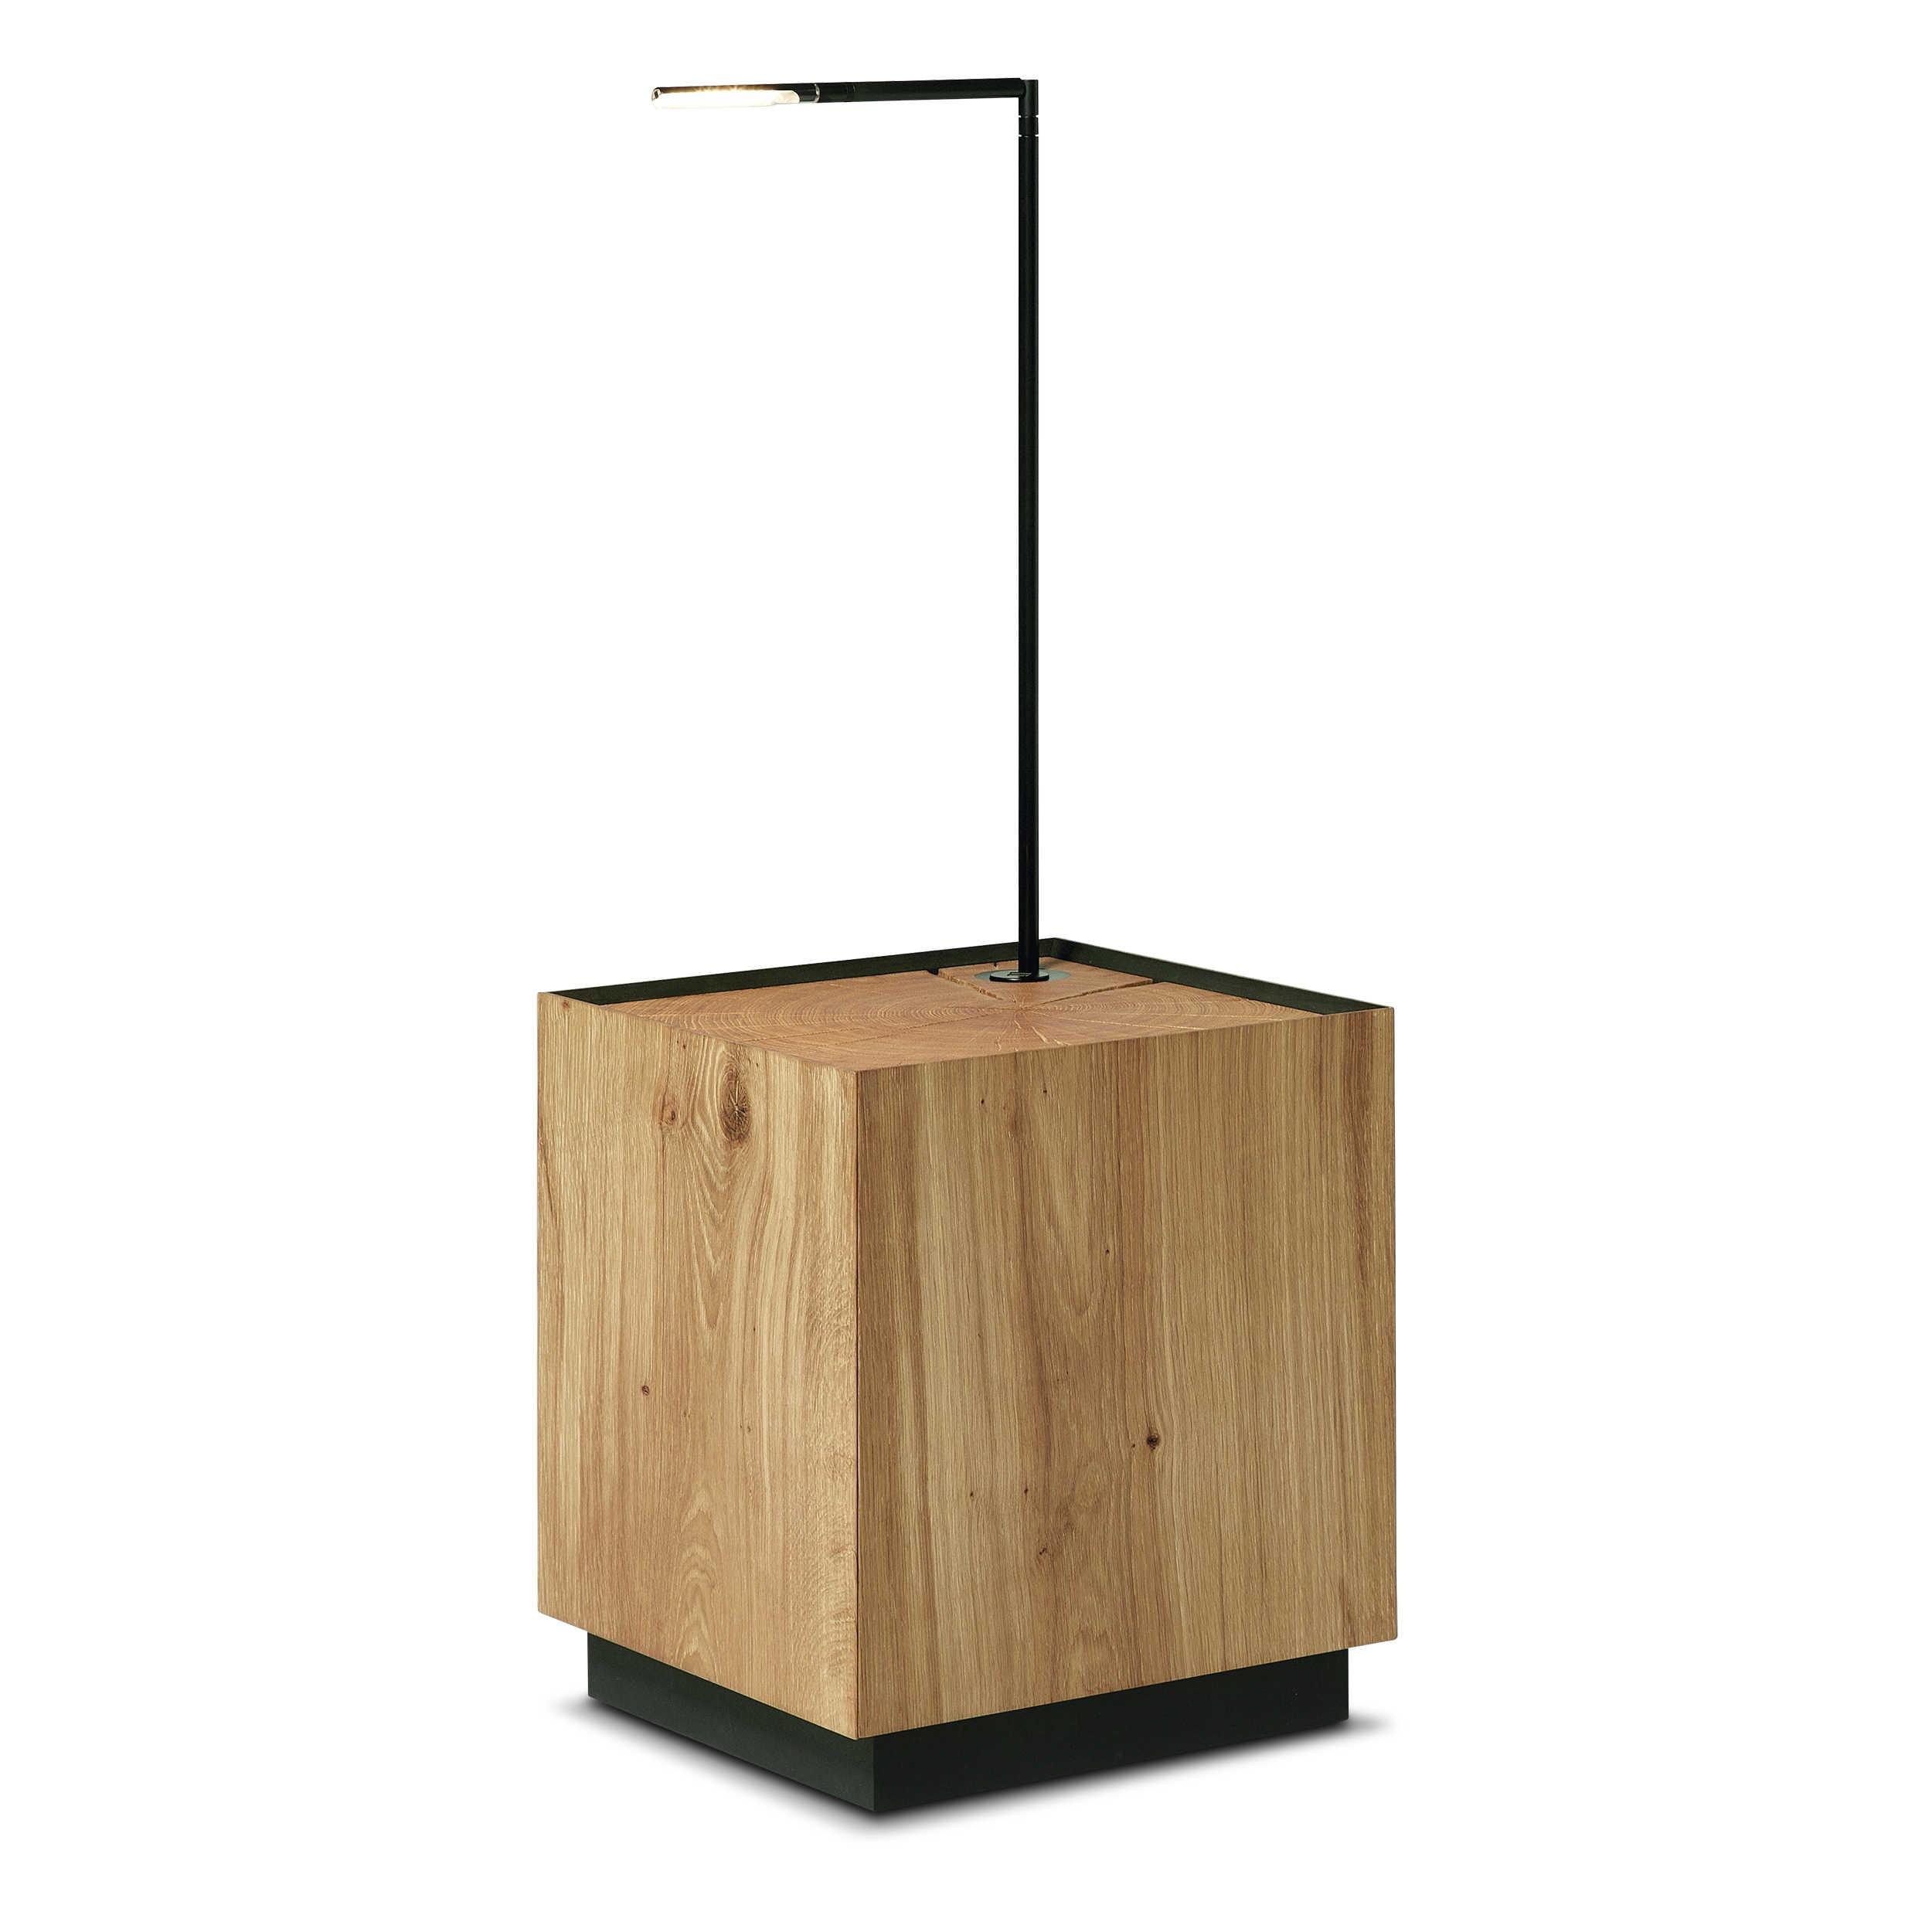 Schön Beistelltisch Holz Beste Wahl